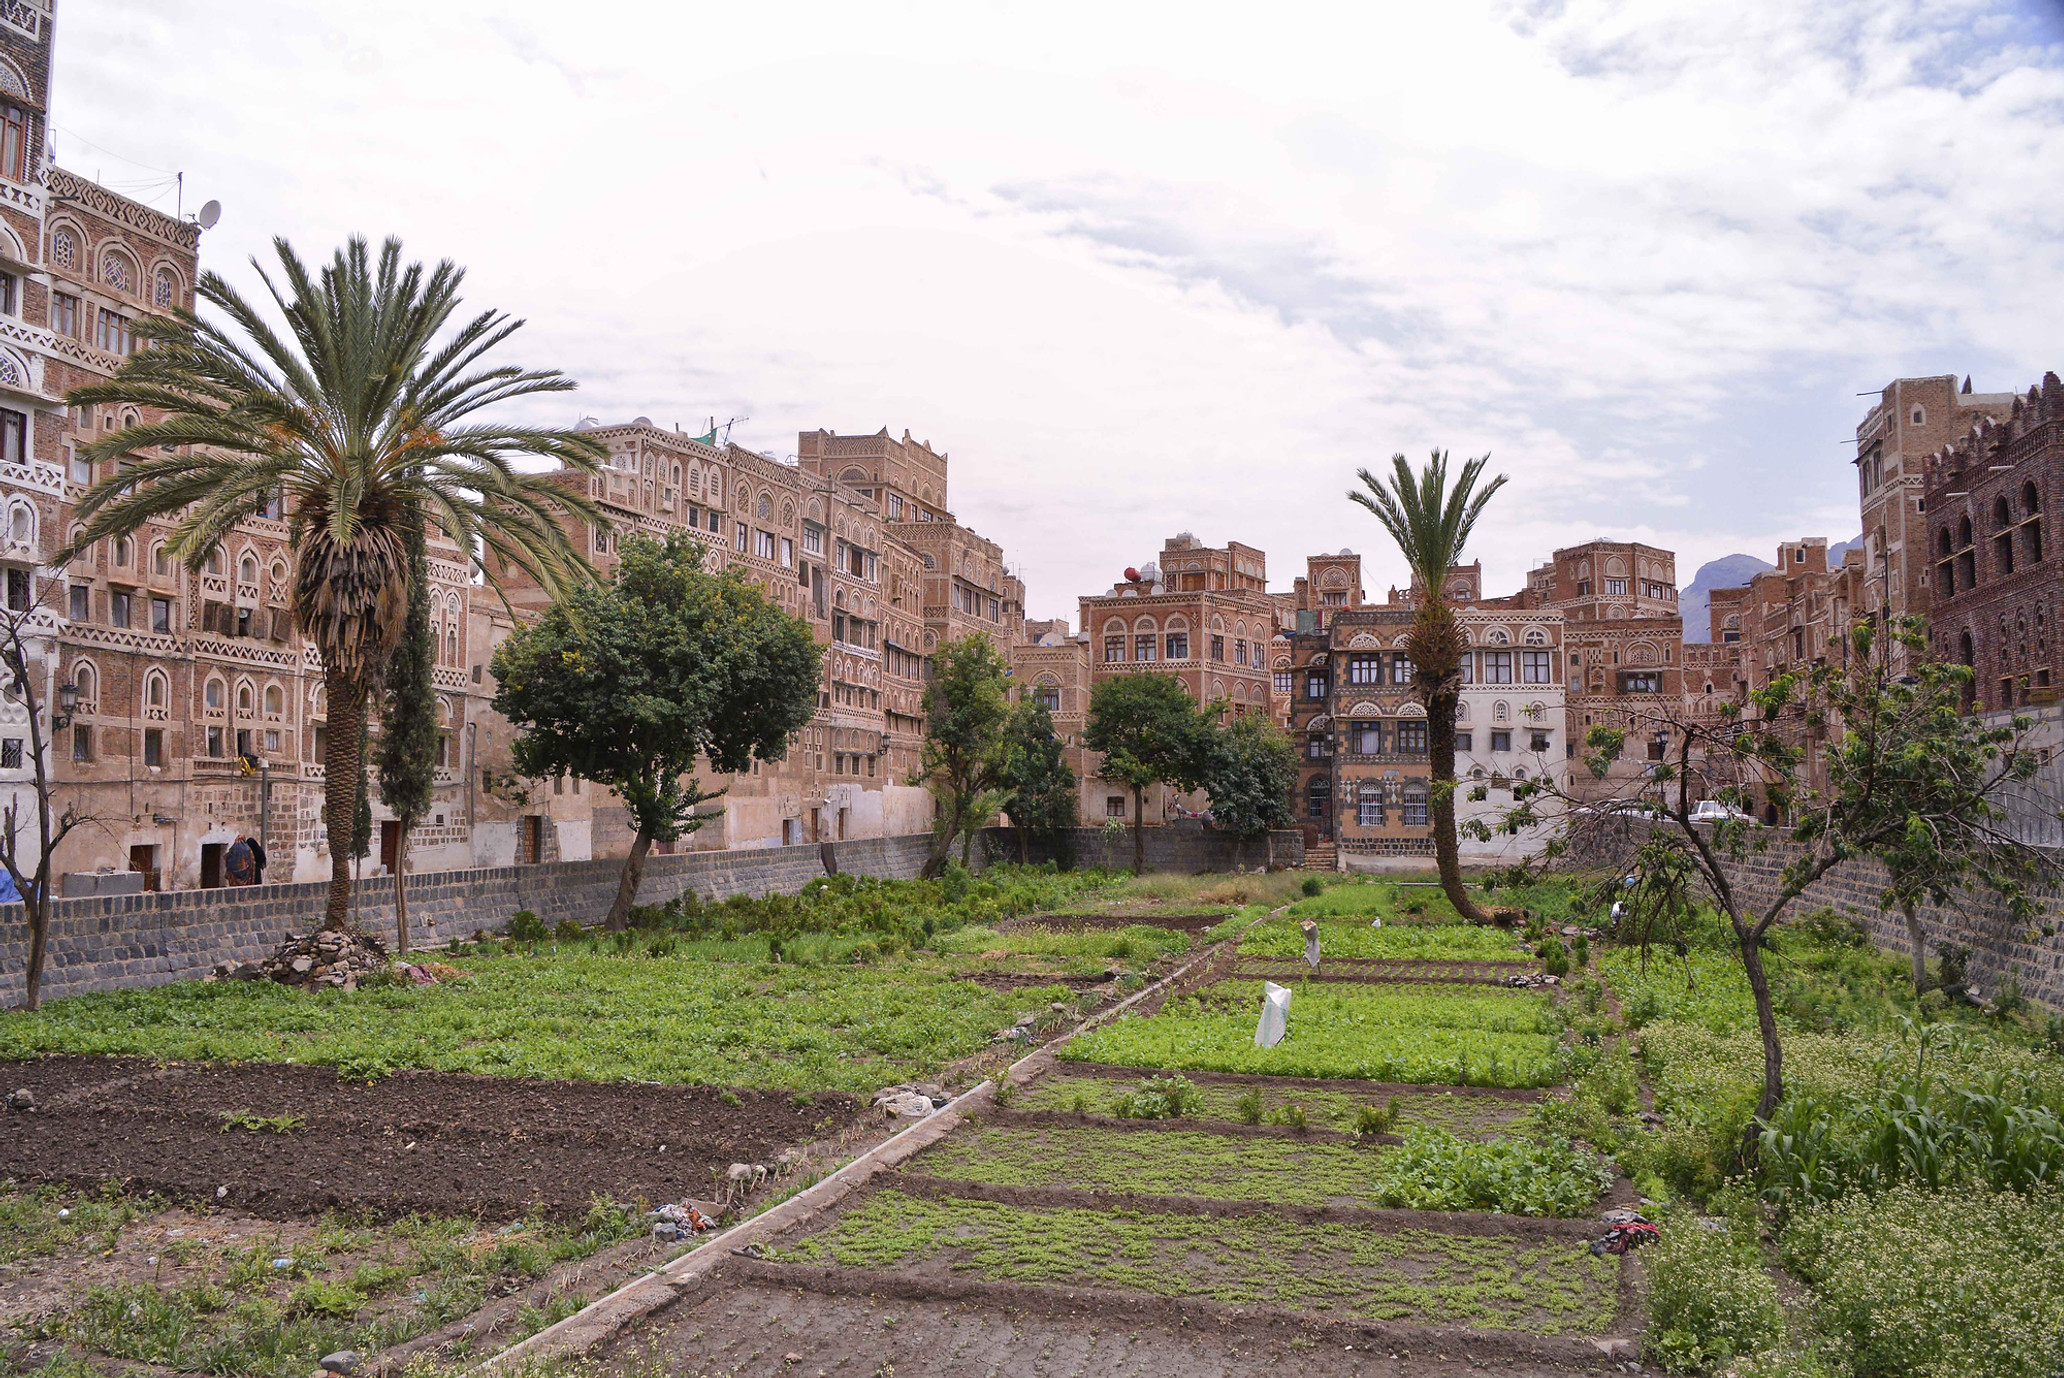 public-garden-sanaa_10206930833_o.jpg